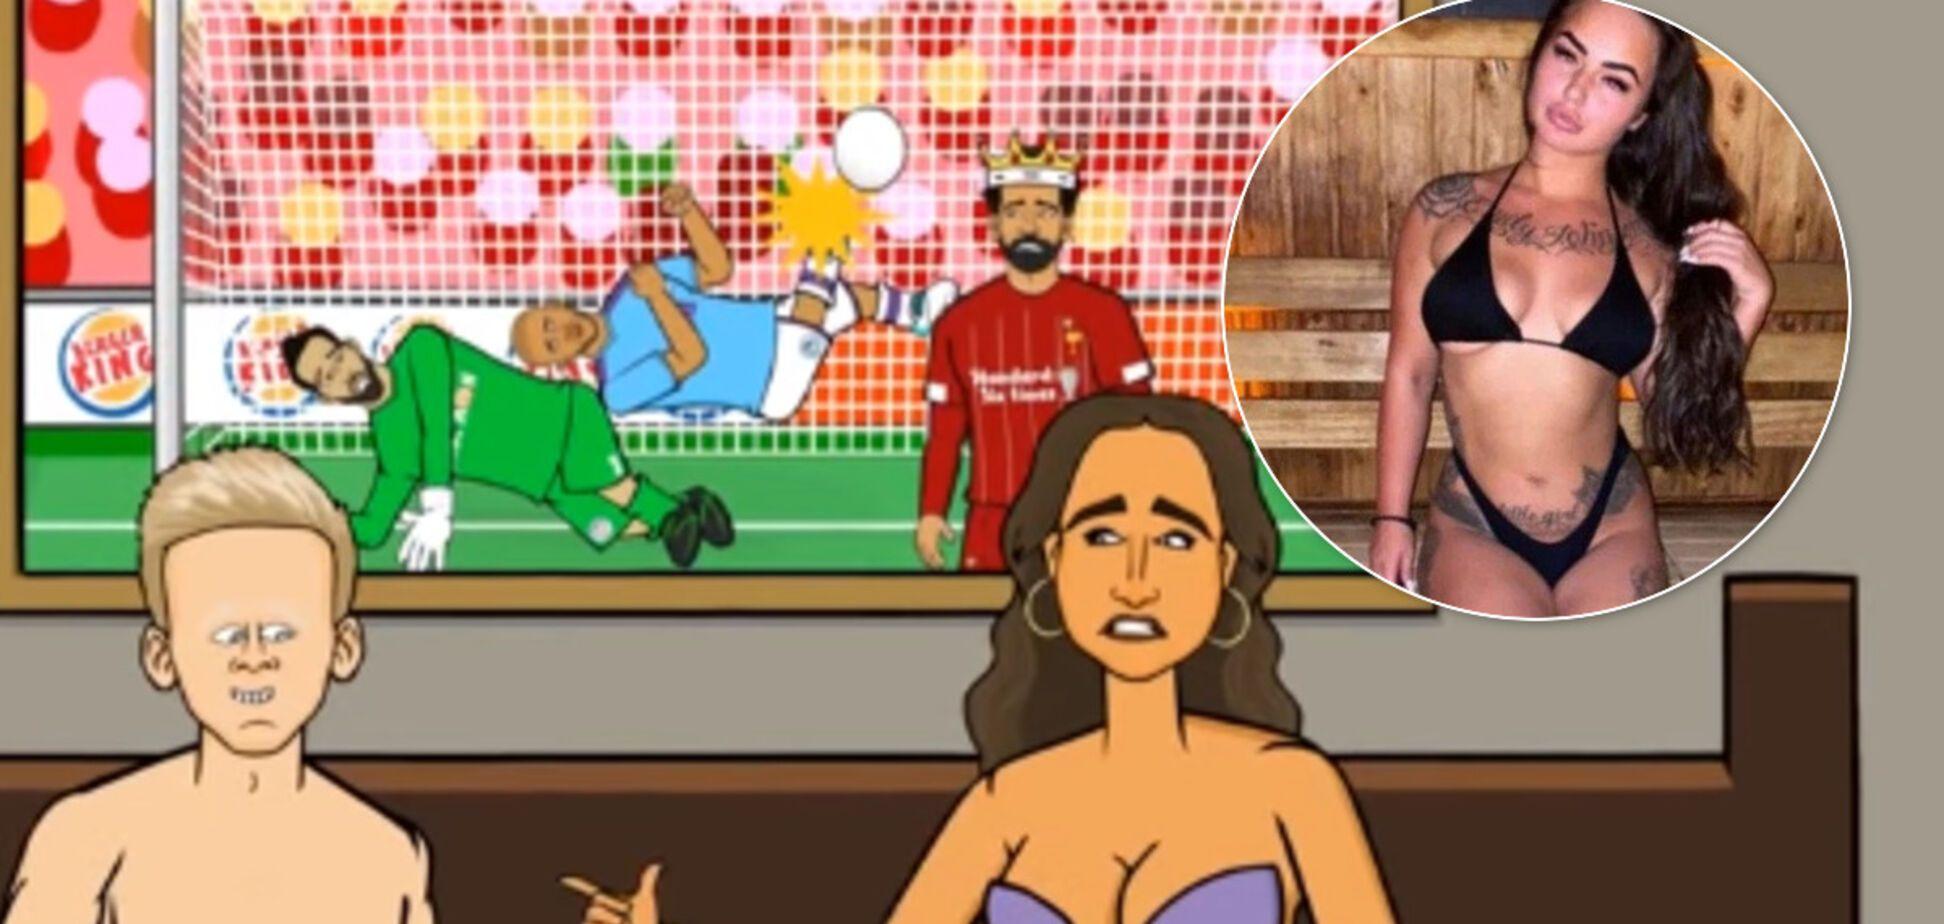 Зинченко 'показали' на вечеринке с проститутками, которую устроил футболист 'Манчестер Сити'